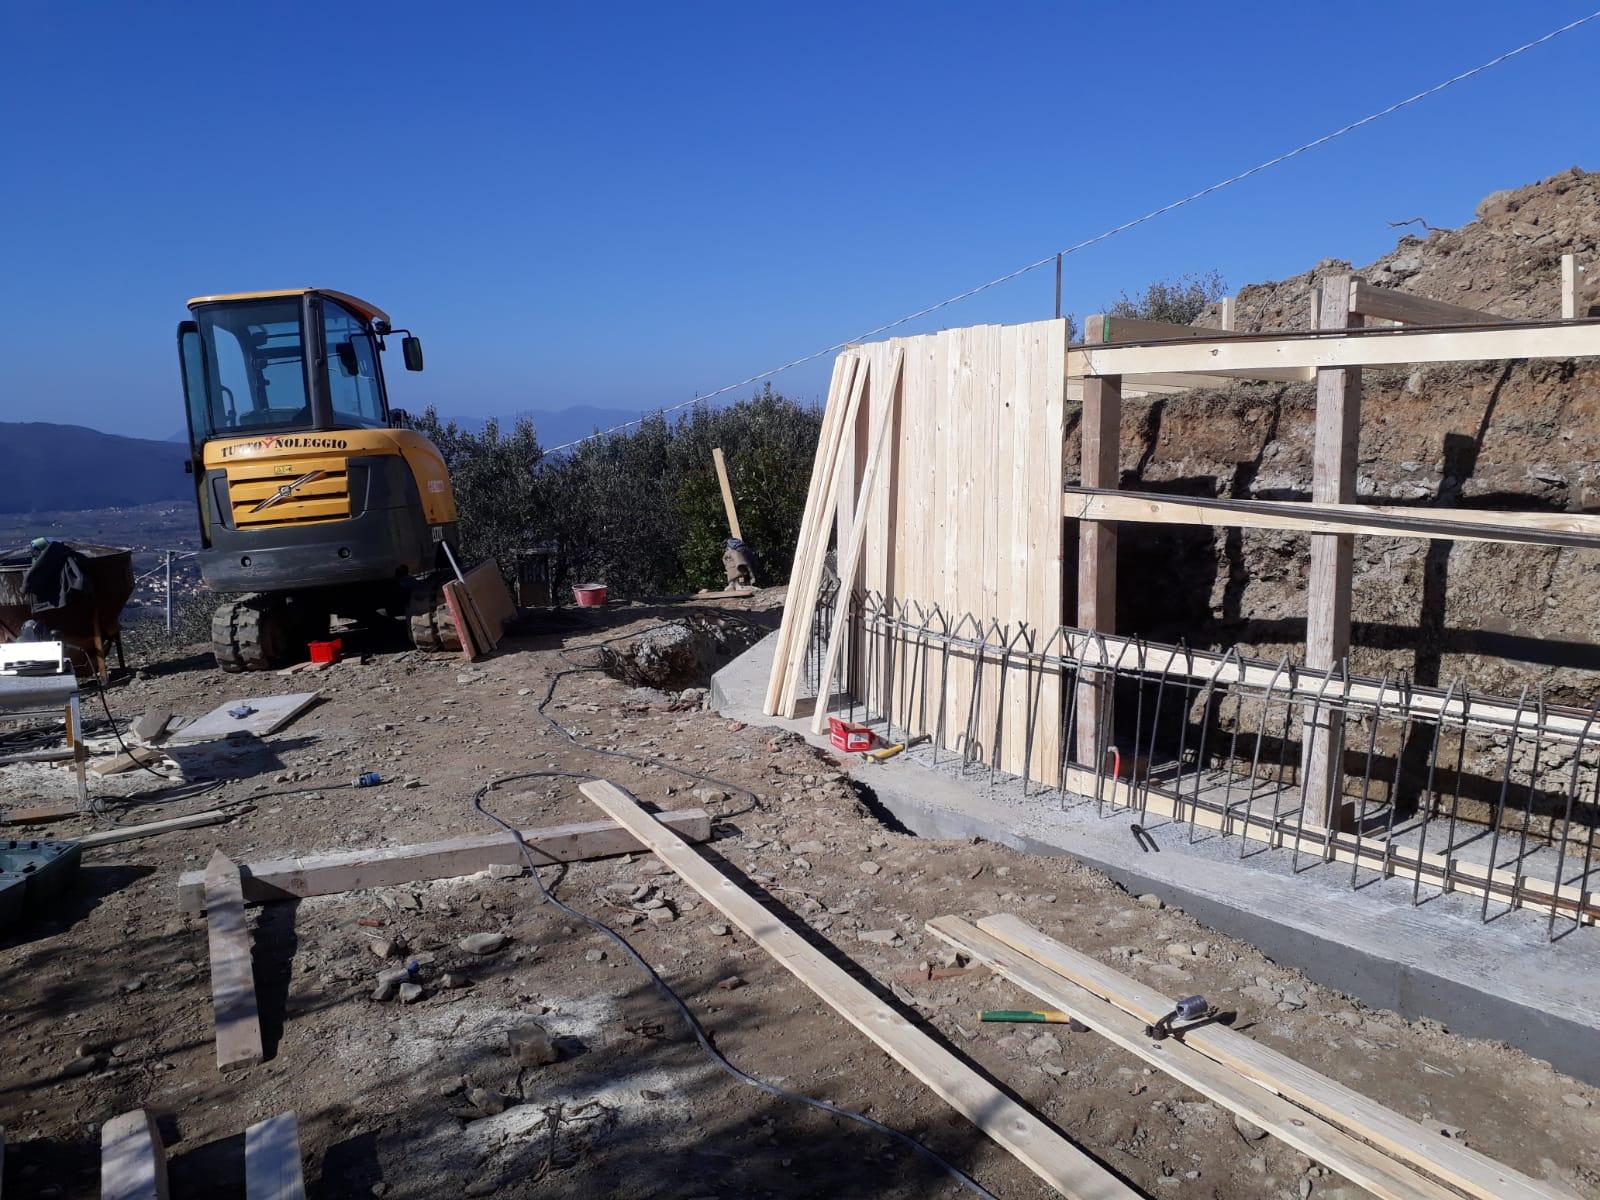 8. Costruzione di casseformi in legno non a perdere per il getto del cls dei muri di contenimento: lavori in corso.